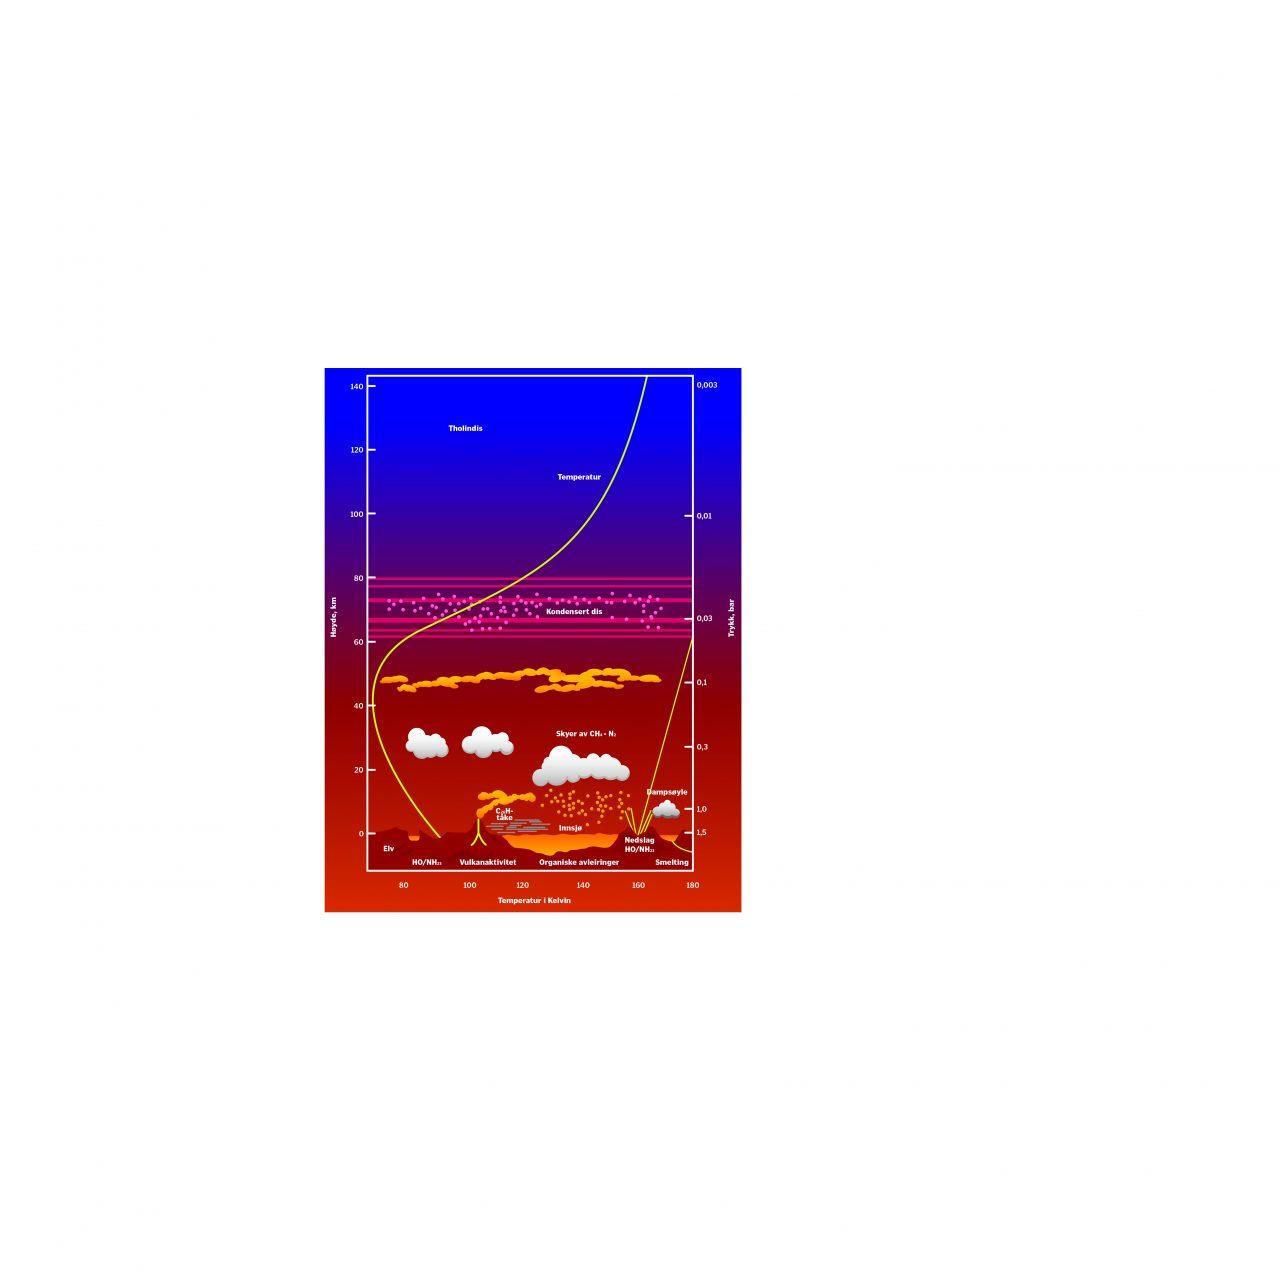 Illustrasjon av Titans atmosfære